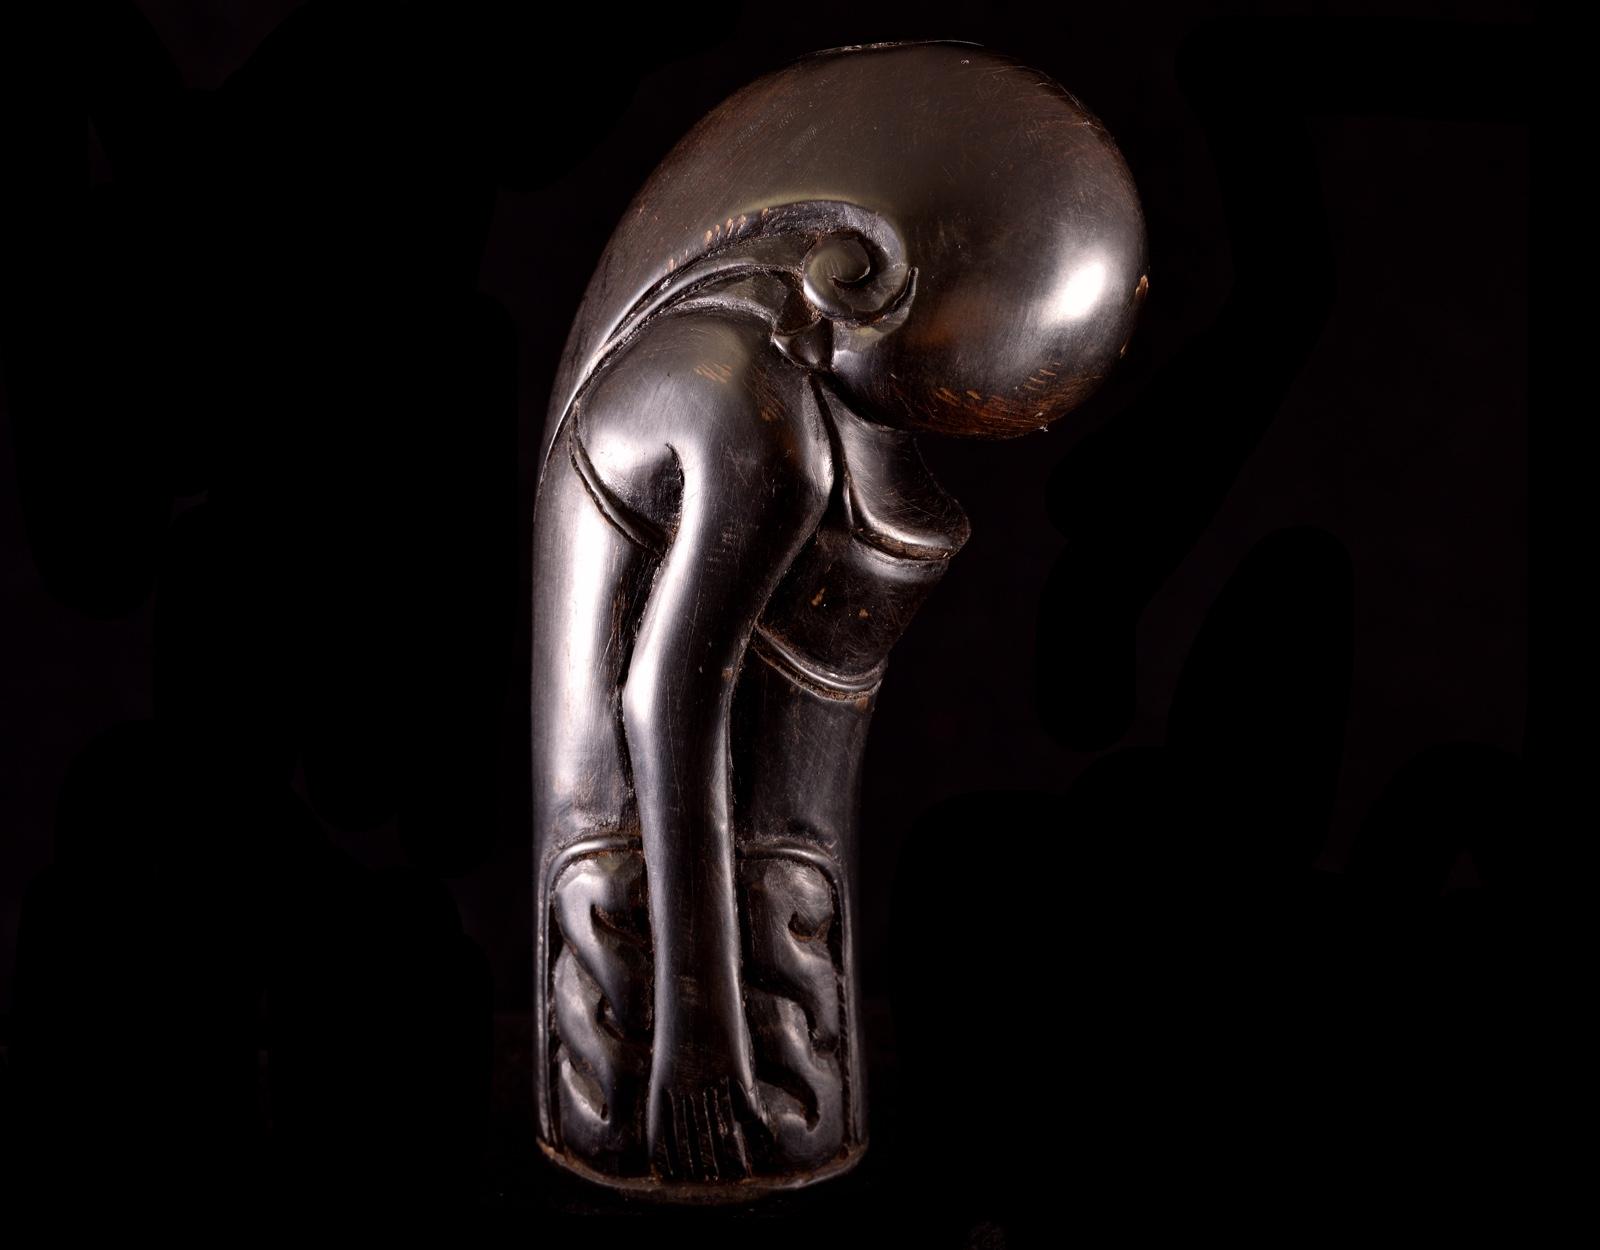 Рукоять для криса - демон, кость. 2. фото VipKeris